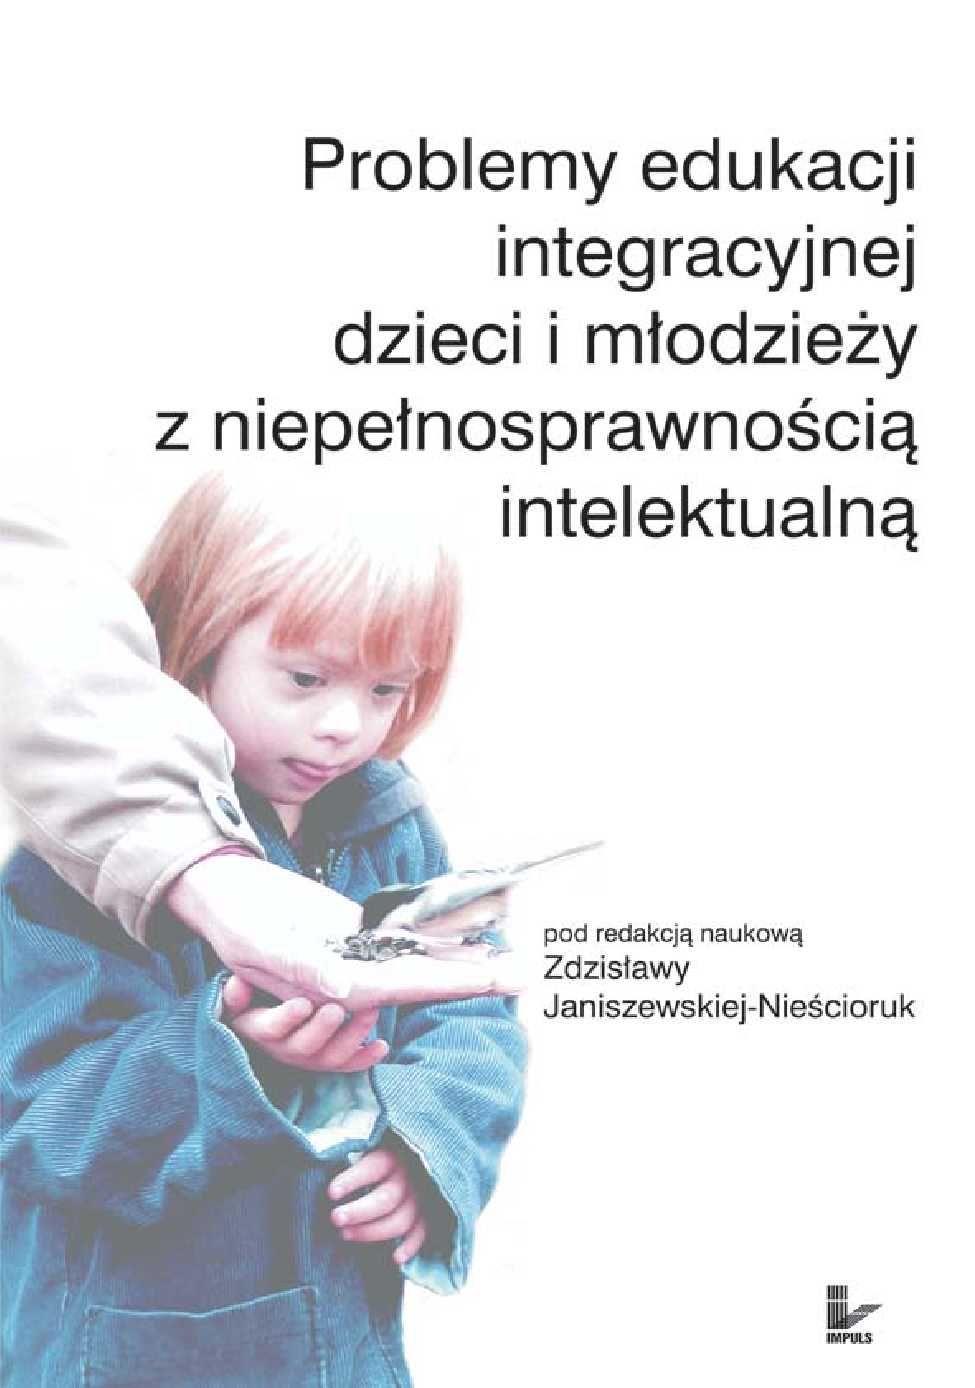 Problemy edukacji integracyjnej dzieci i młodzieży z niepełnosprawnością intelektualną - Ebook (Książka na Kindle) do pobrania w formacie MOBI